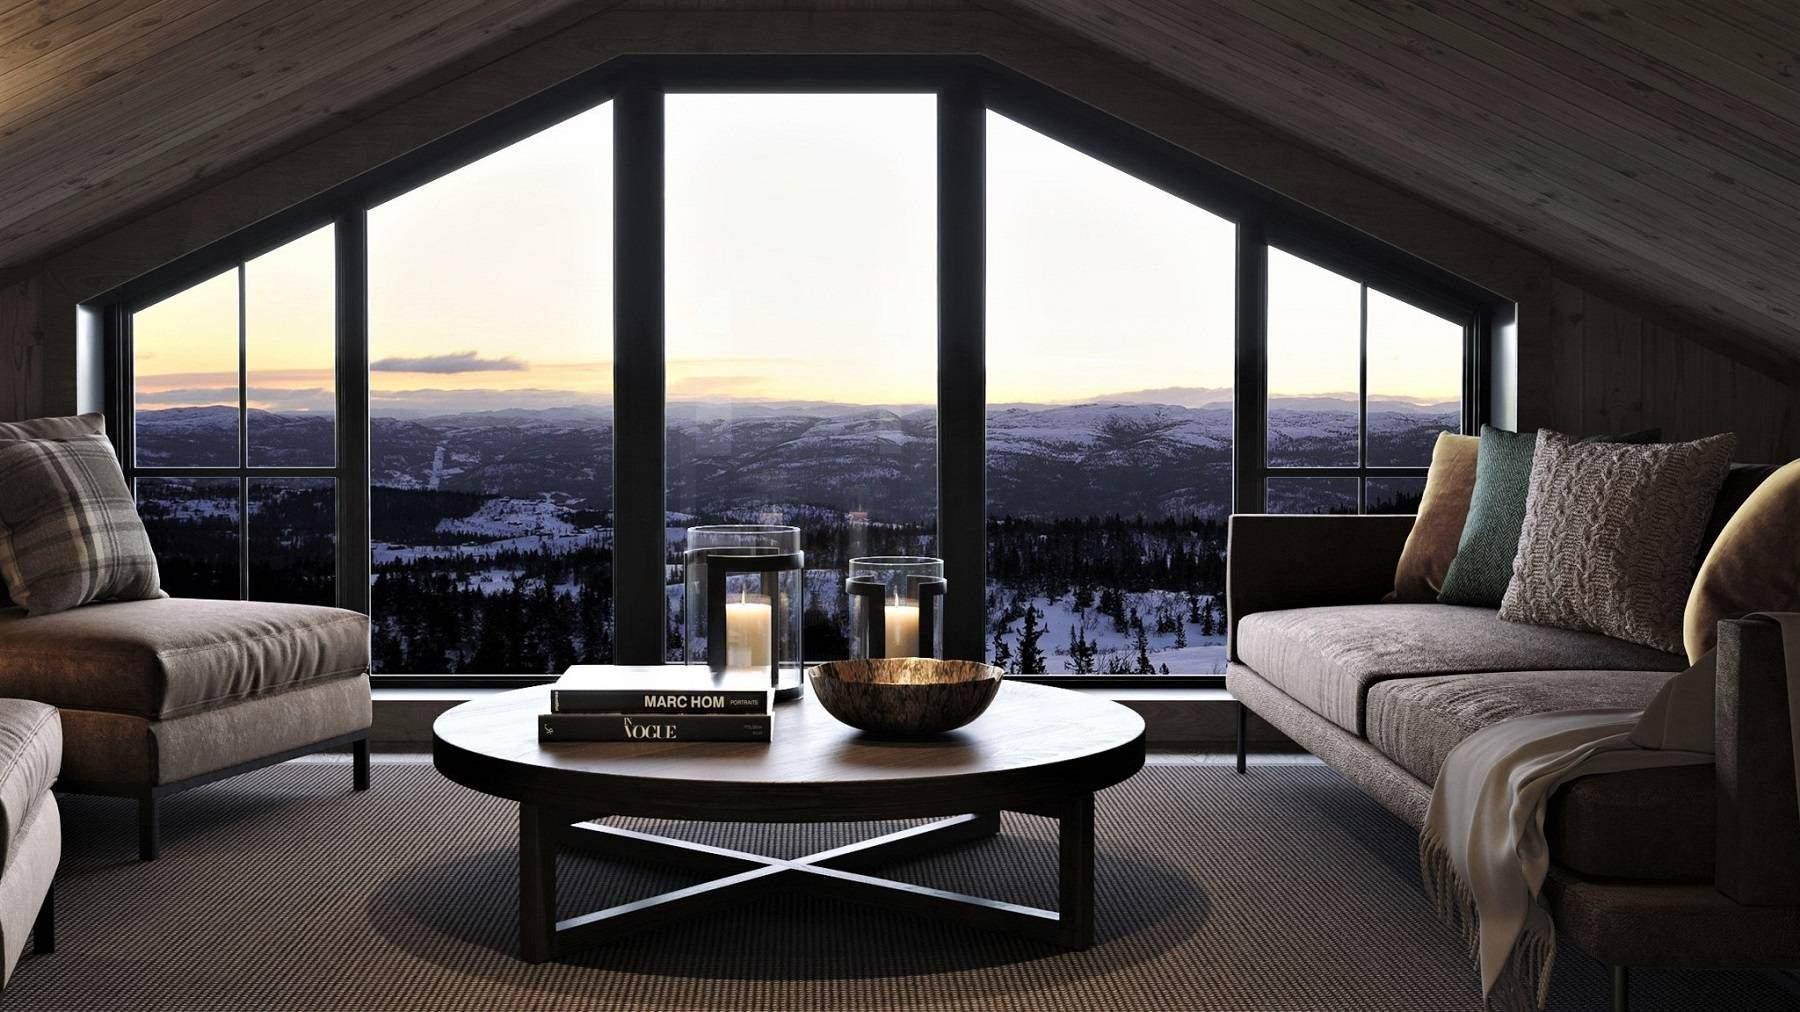 302 Stua på hemsen har panoramautsyn gjennom den brede vindsflaten – Hyttemodell Geilo 155